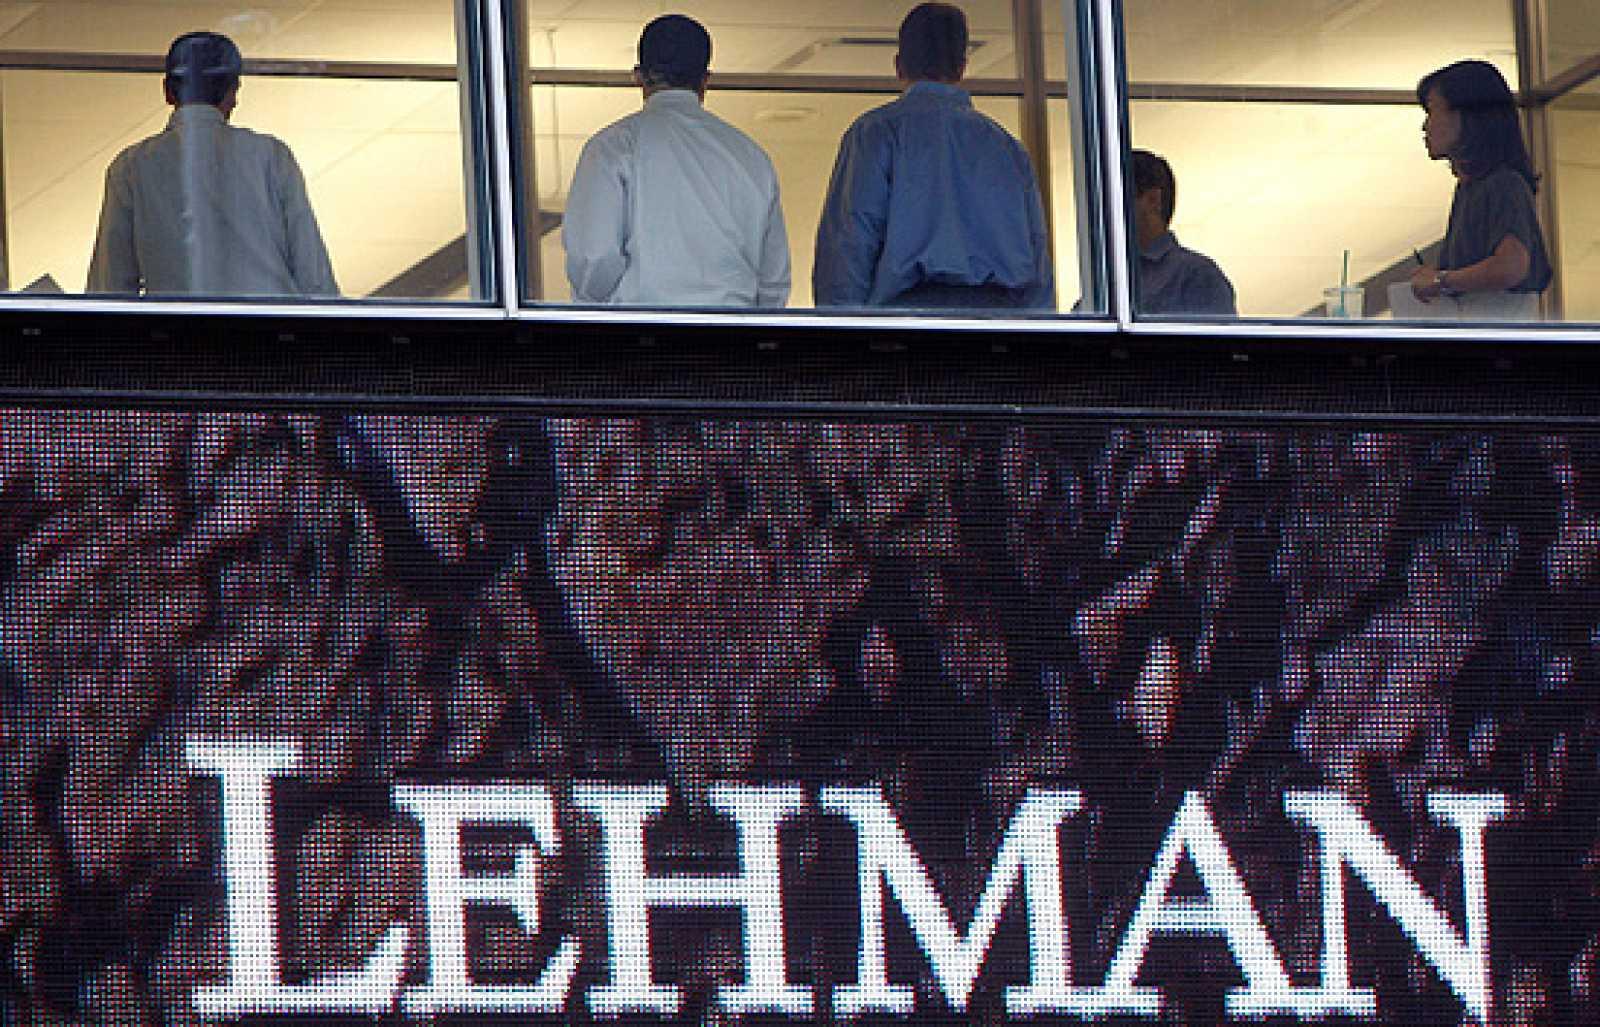 Se cumple el primer aniversario de la quiebra del gigante de inversiones Lehman Brothers.